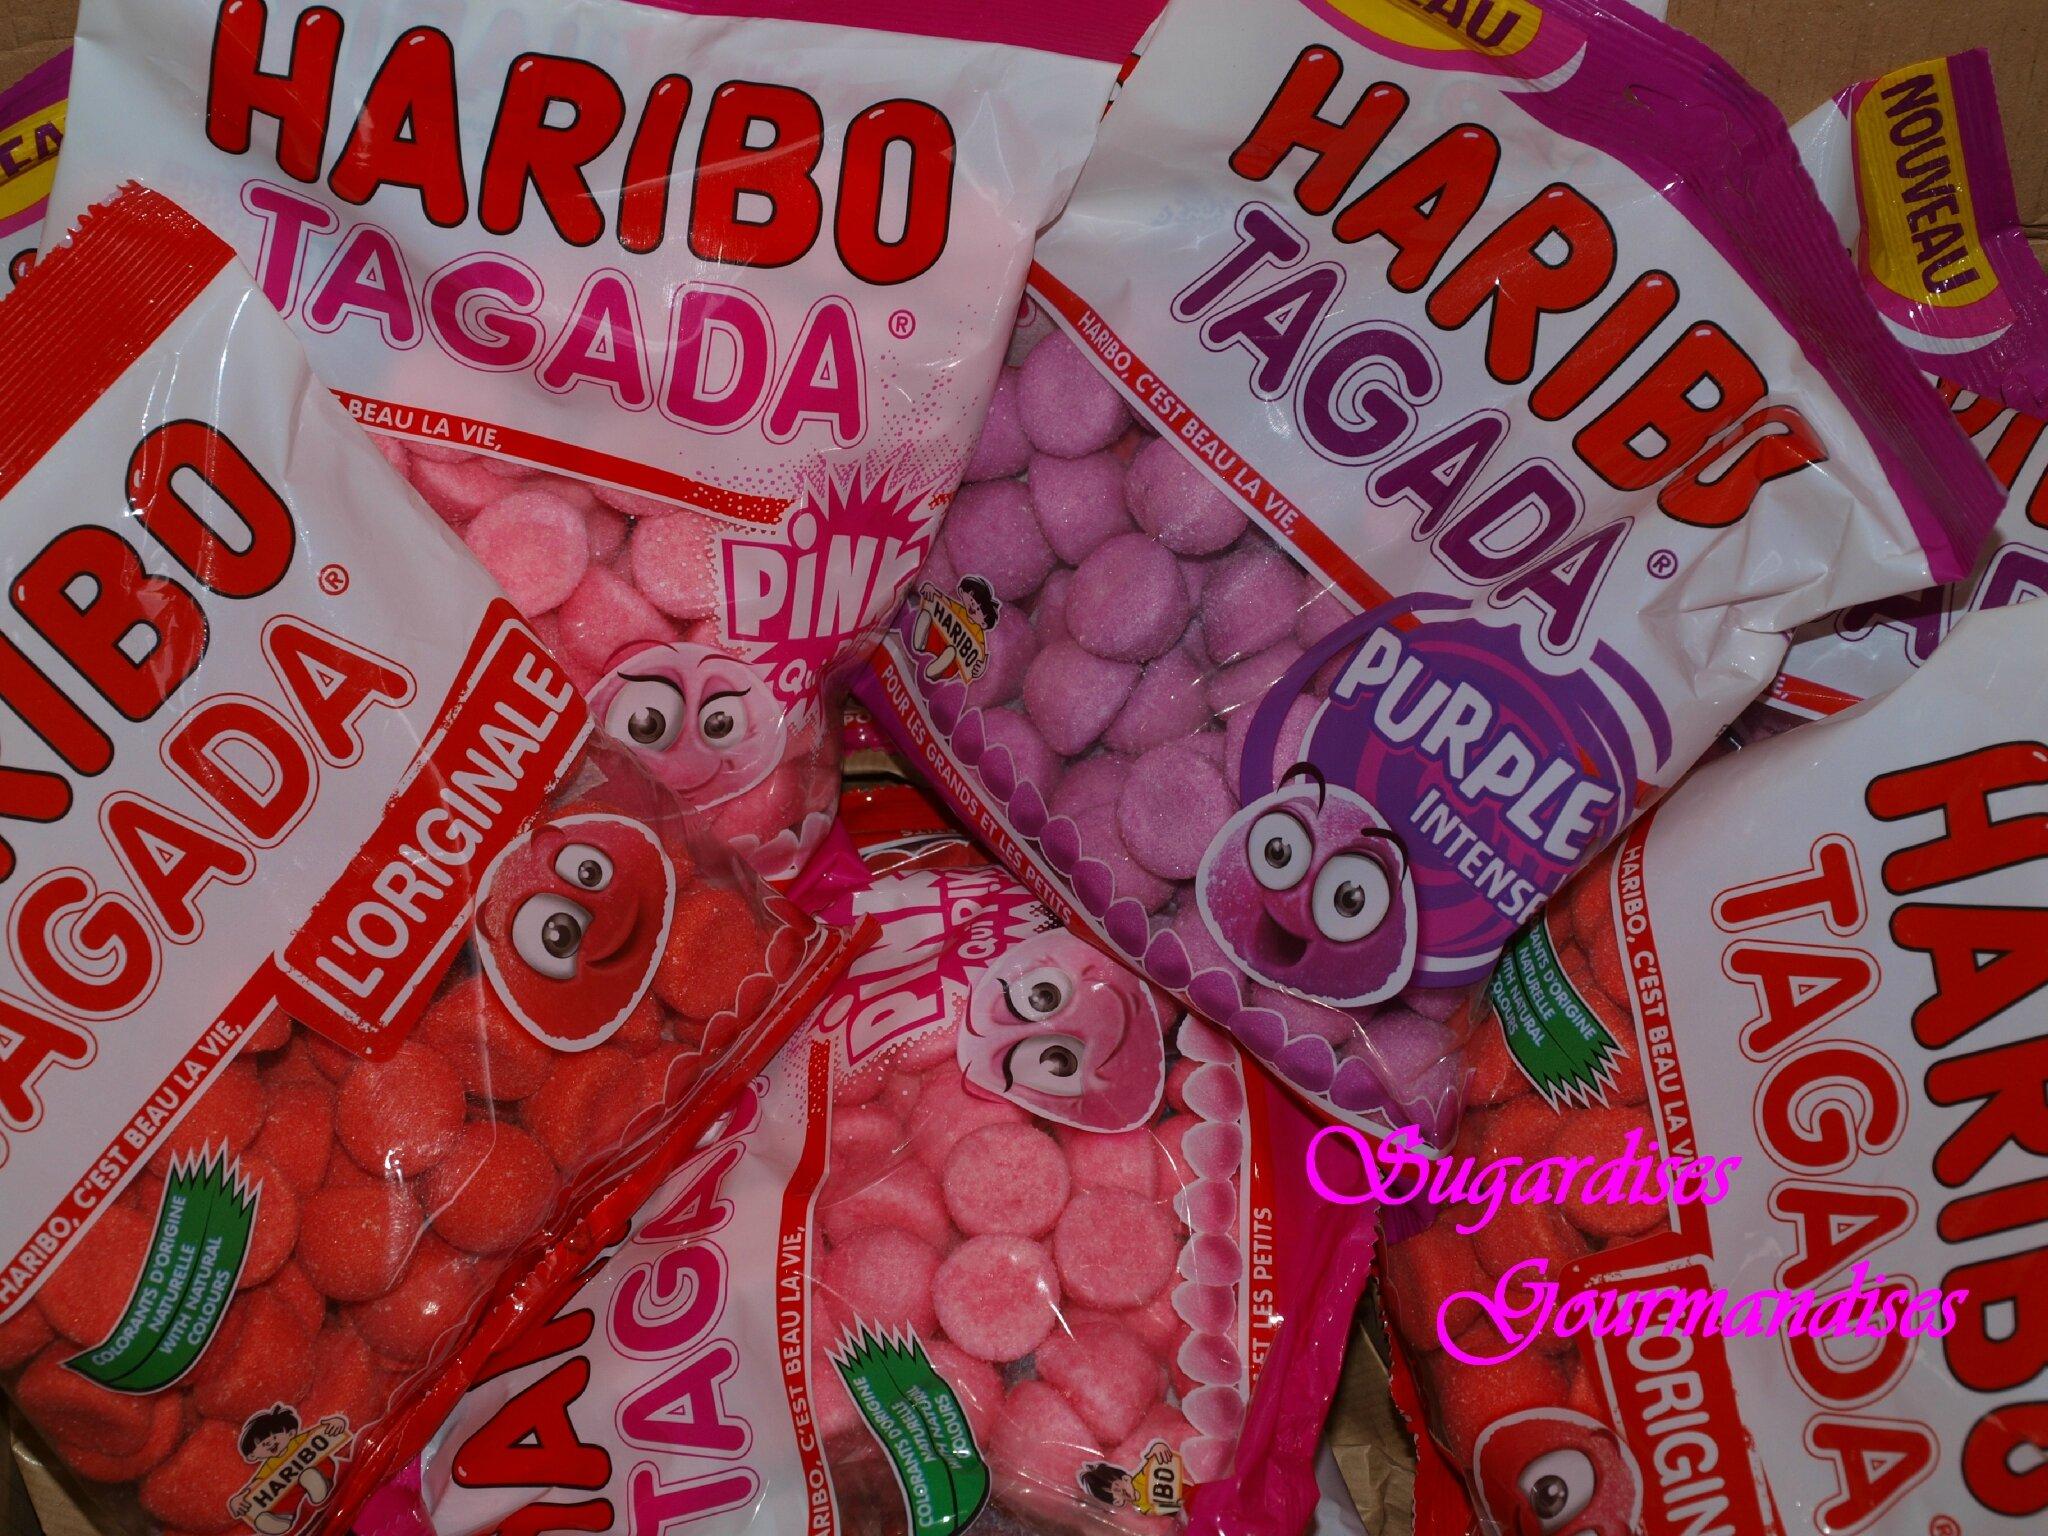 HARIBO mon nouveau partenariat allez les TAGADA ramenez vos fraises...